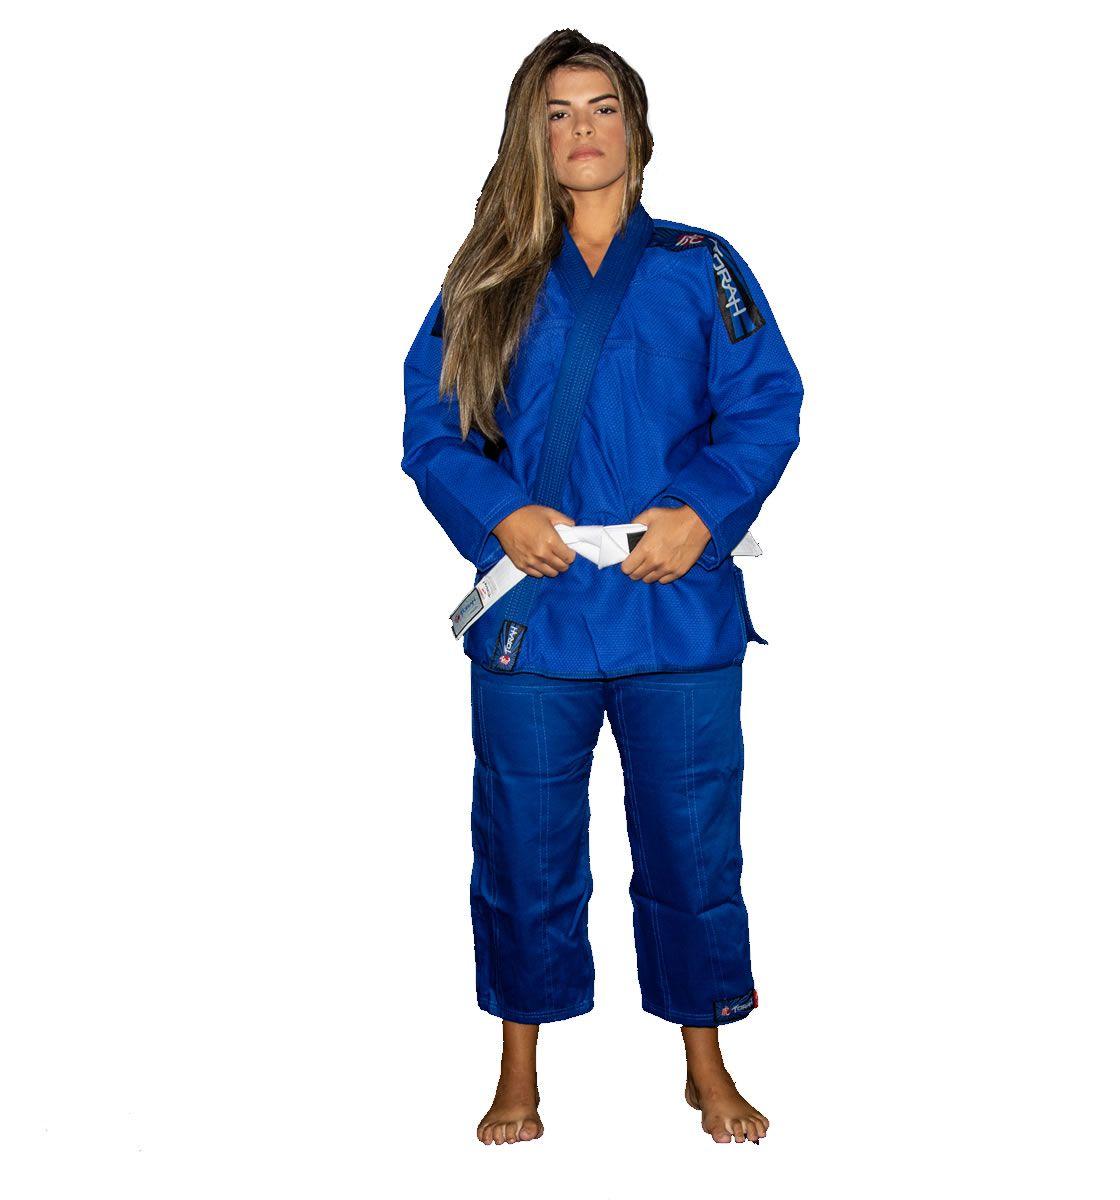 Kimono Jiu Jitsu Trançado Flex - Adulto - Azul - Unissex - Torah